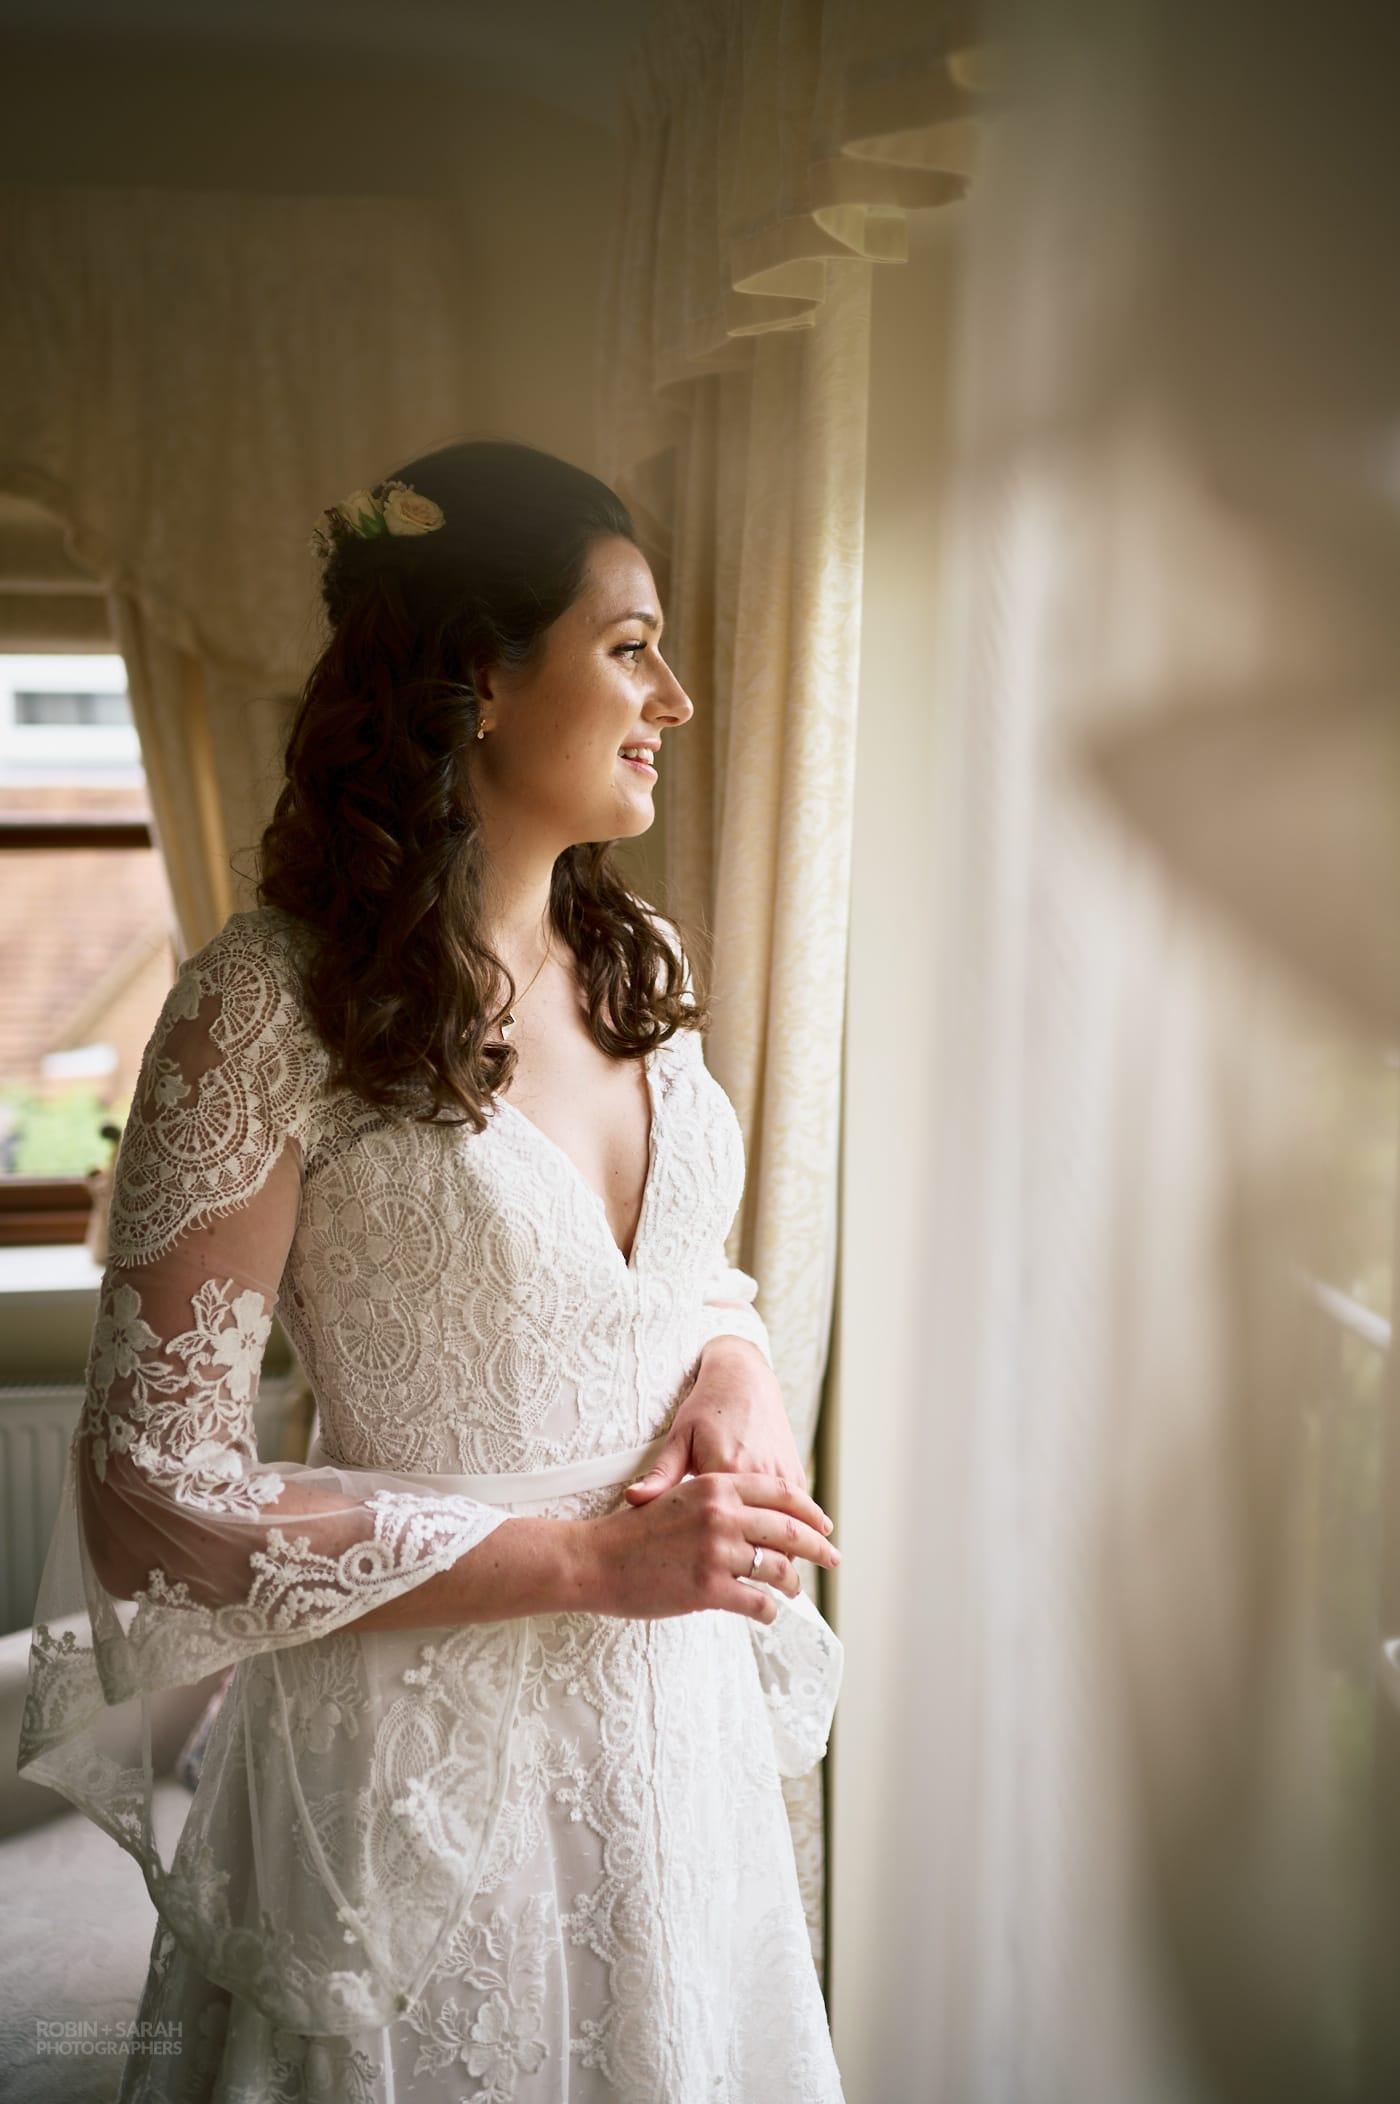 Portrait of beautiful bride in window light